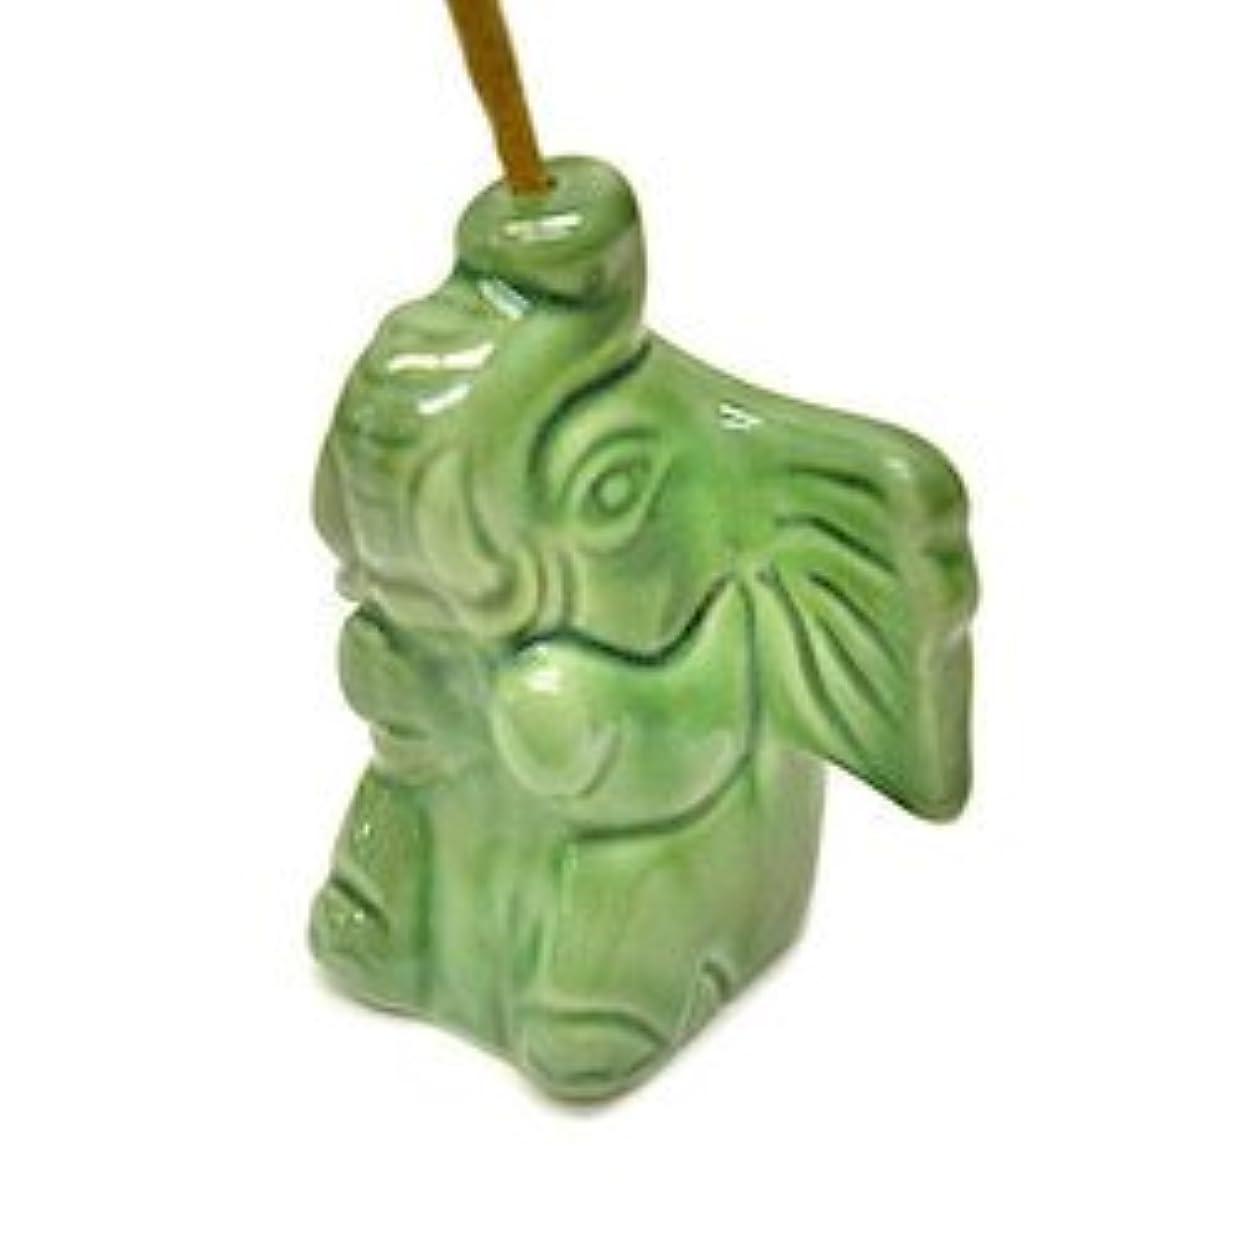 煙初期保有者象さんのお香立て <緑> インセンスホルダー/スティックタイプ用お香立て?お香たて アジアン雑貨